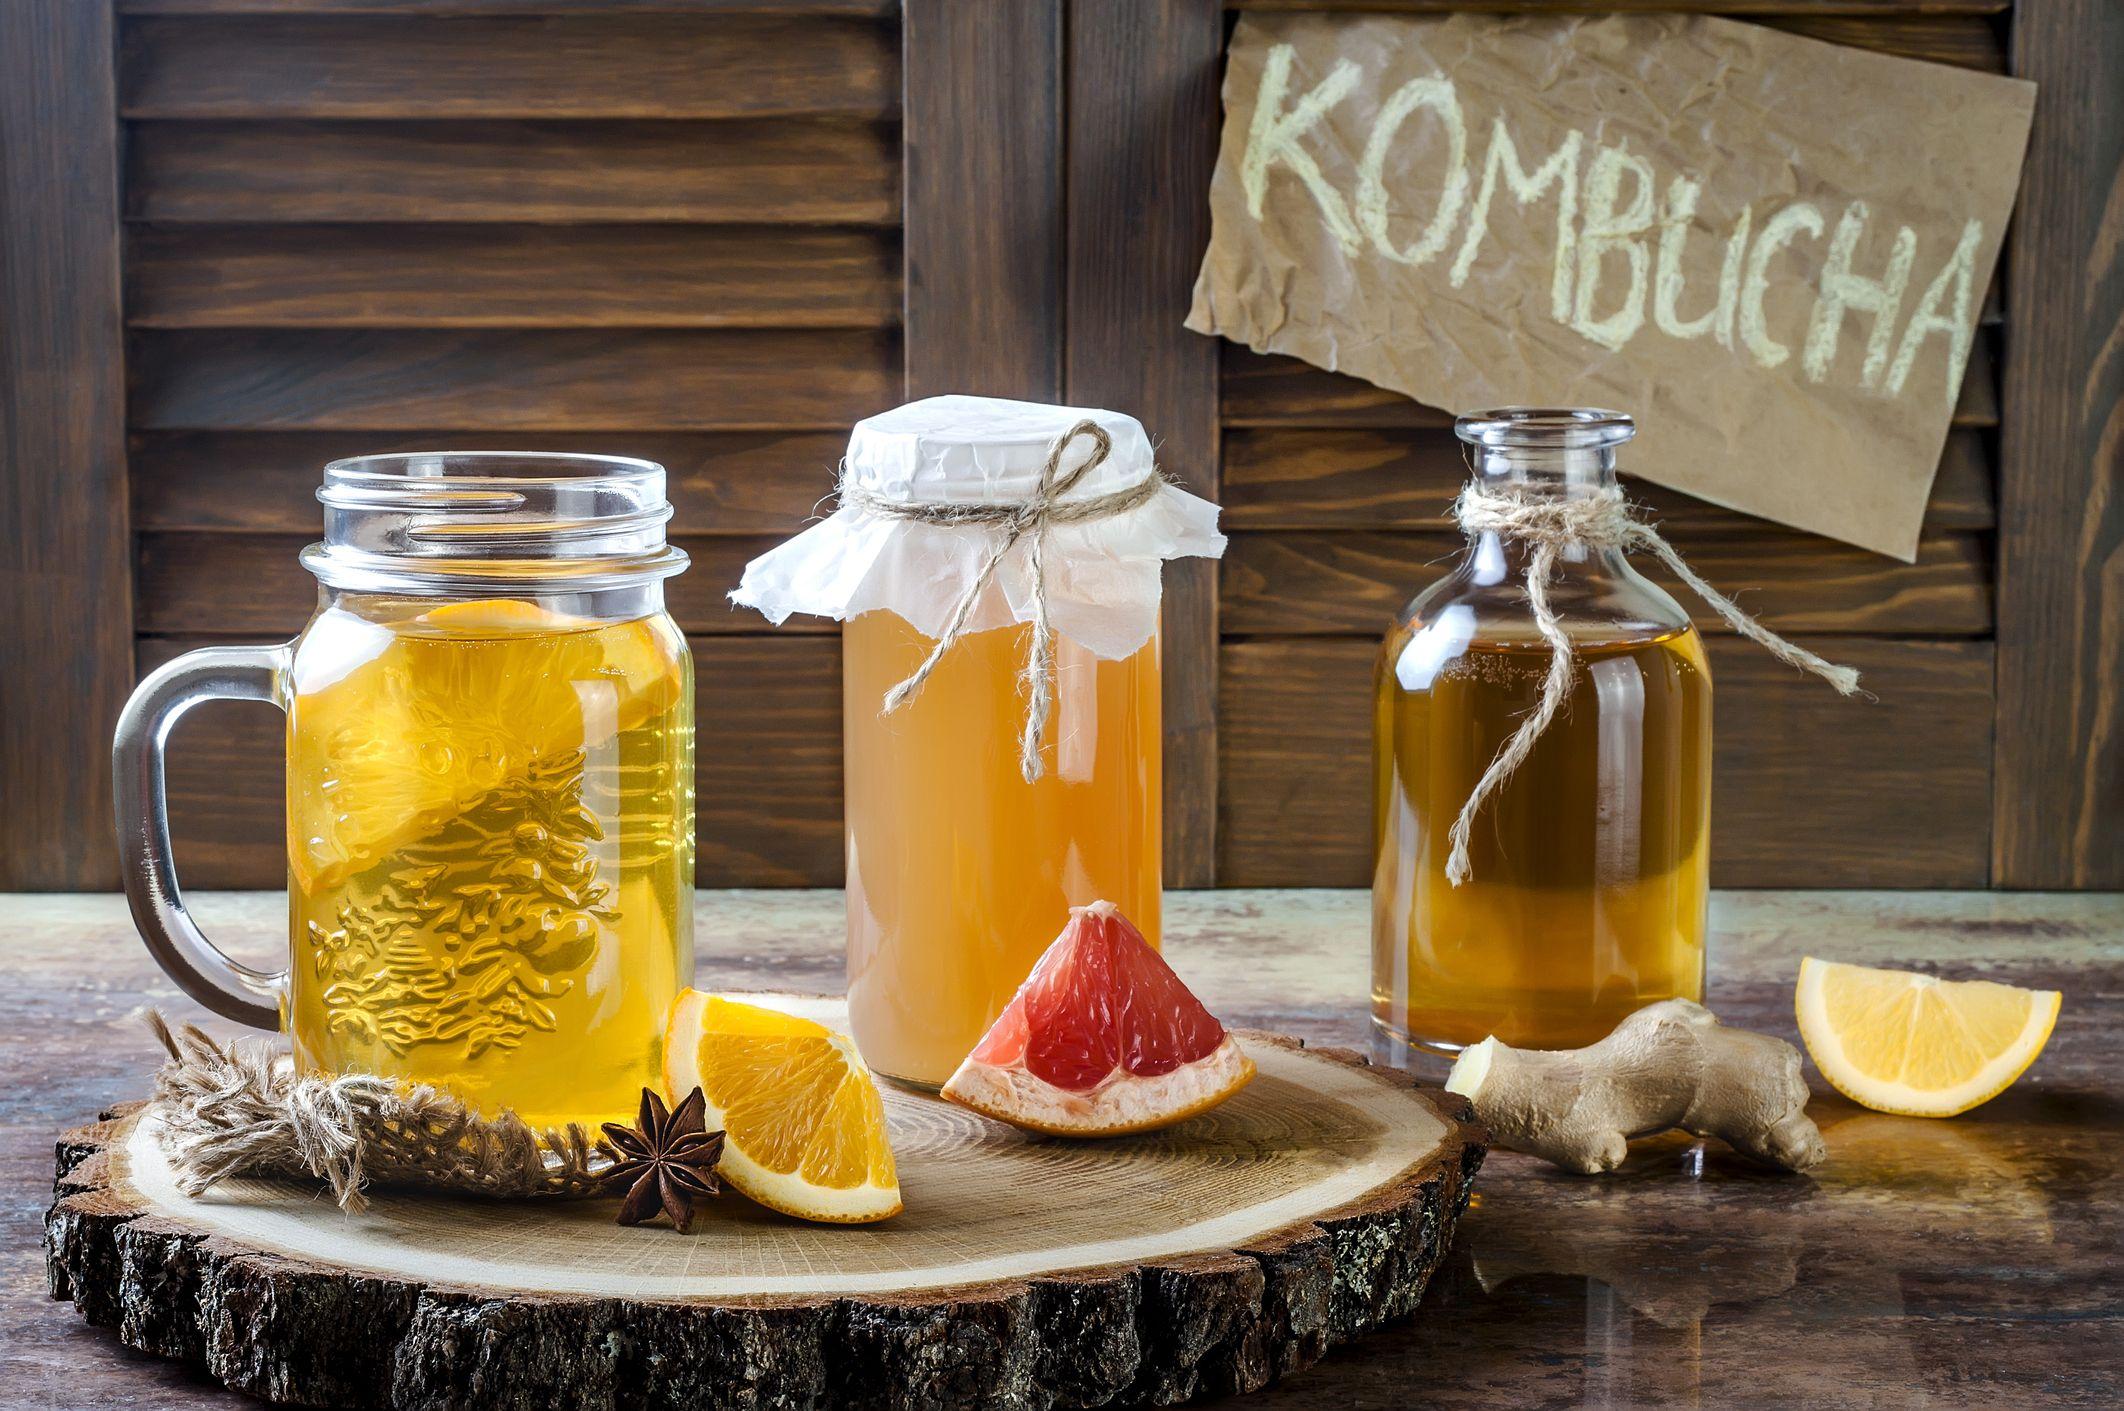 Té de kombucha fermentado casero con diferentes sabores.